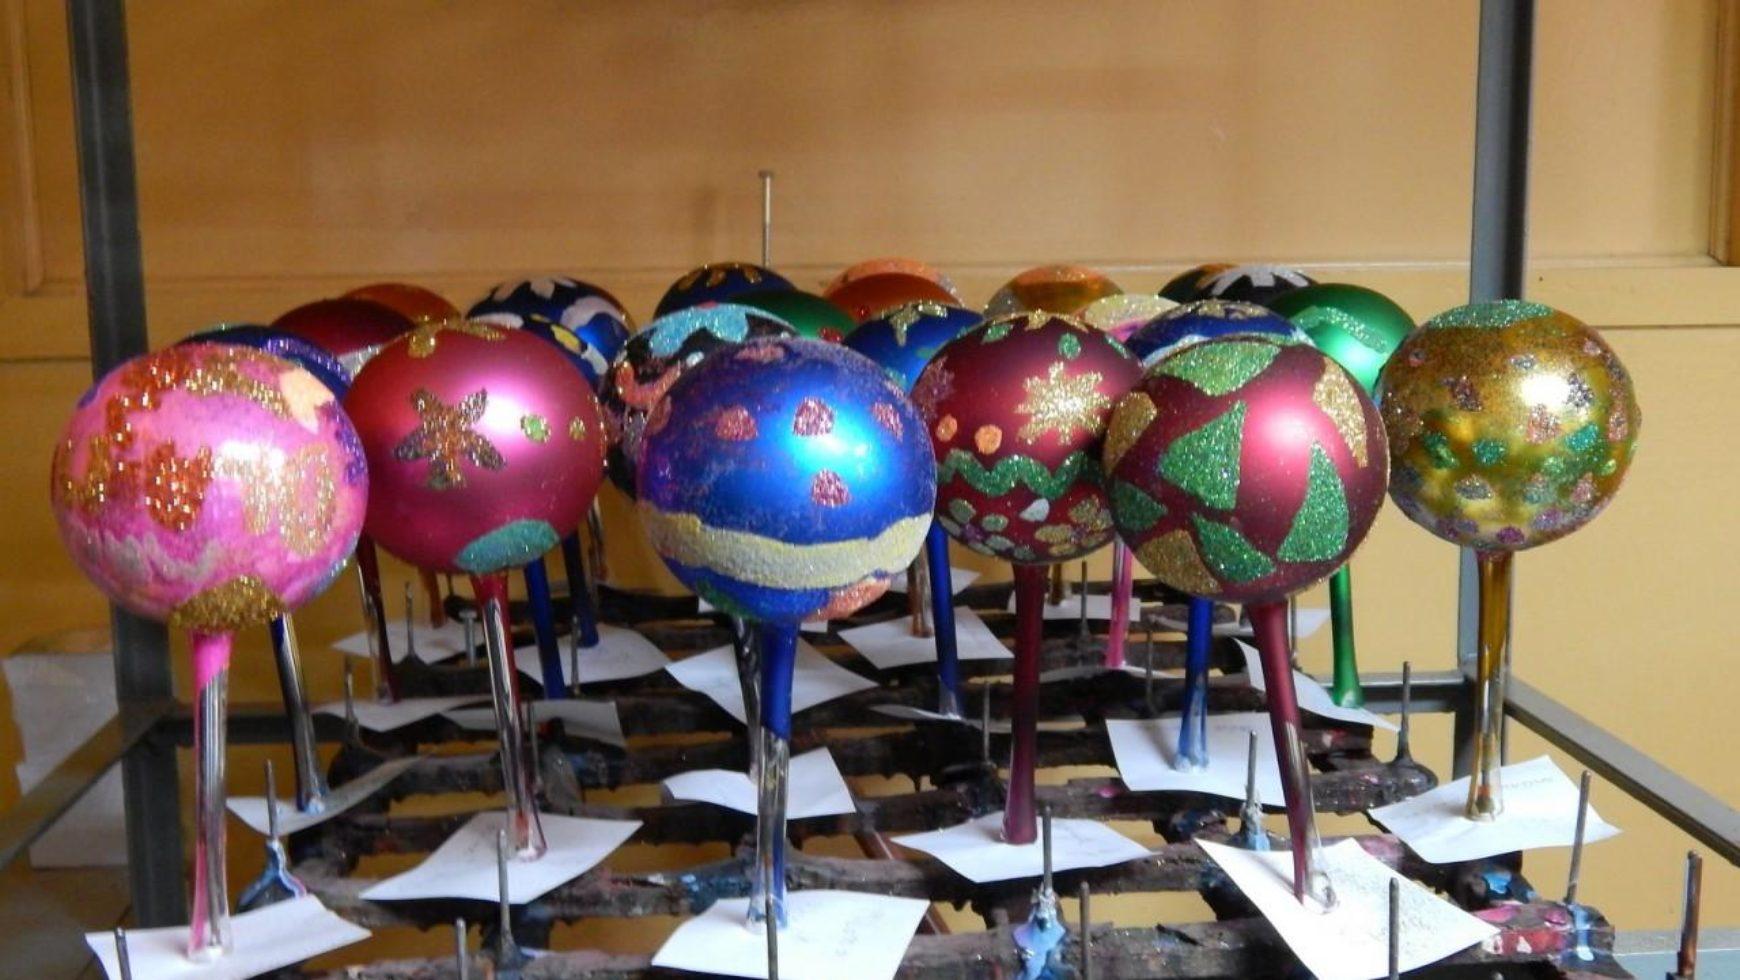 Fabryka Bombek w Krakowie jako świąteczny event pracowniczy